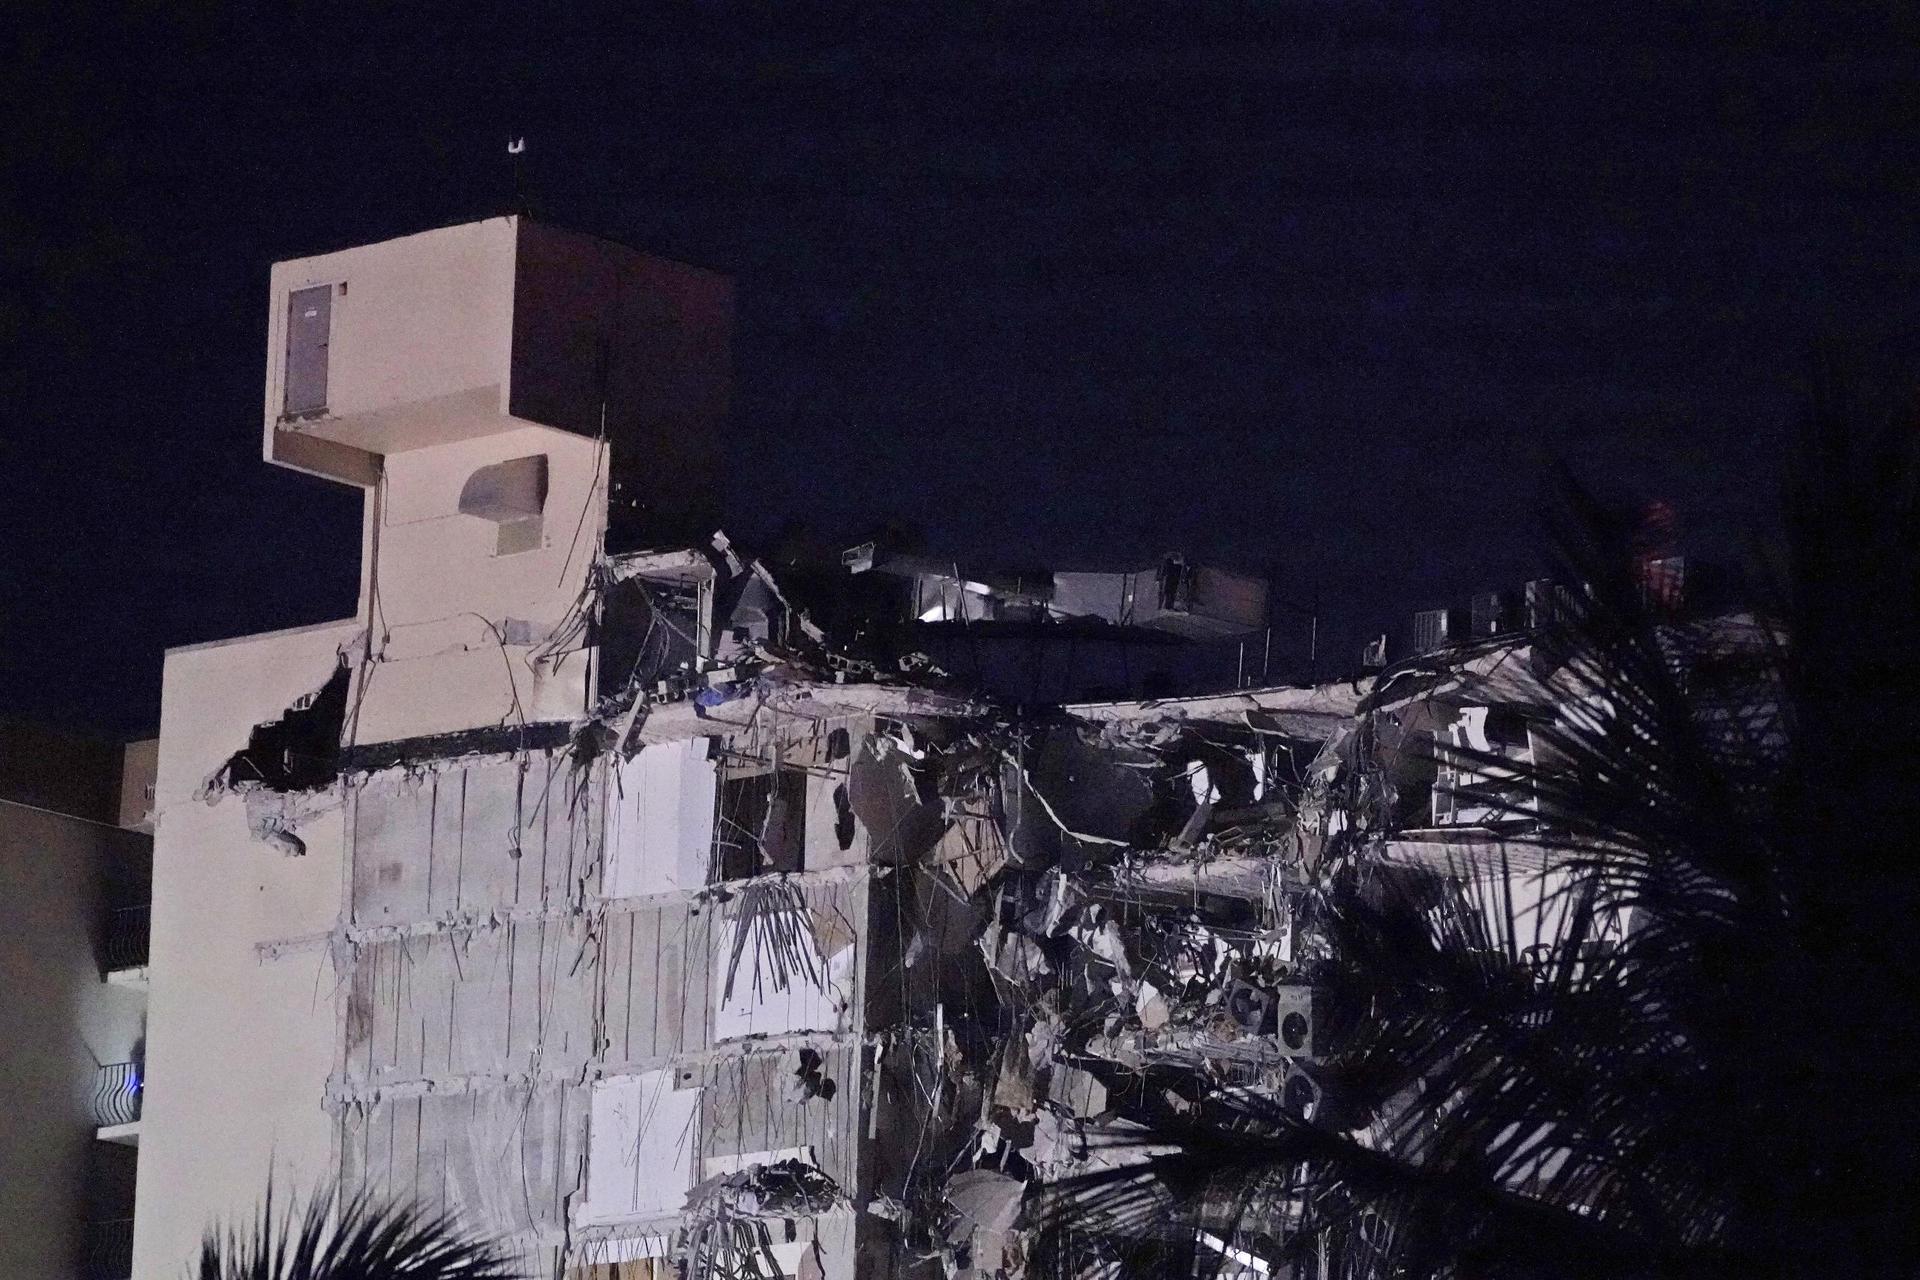 Großeinsatz nach Gebäude-Einsturz nahe Miami Beach Notfall